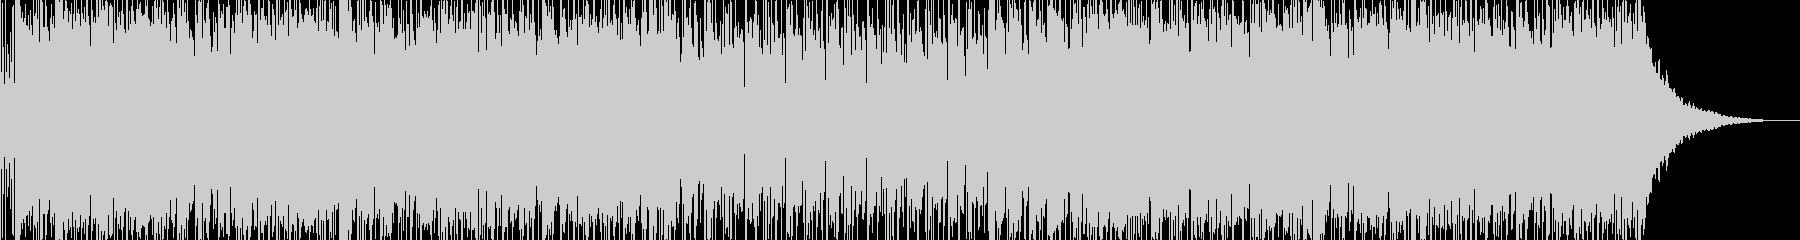 フュージョン風明るいポップス03の未再生の波形